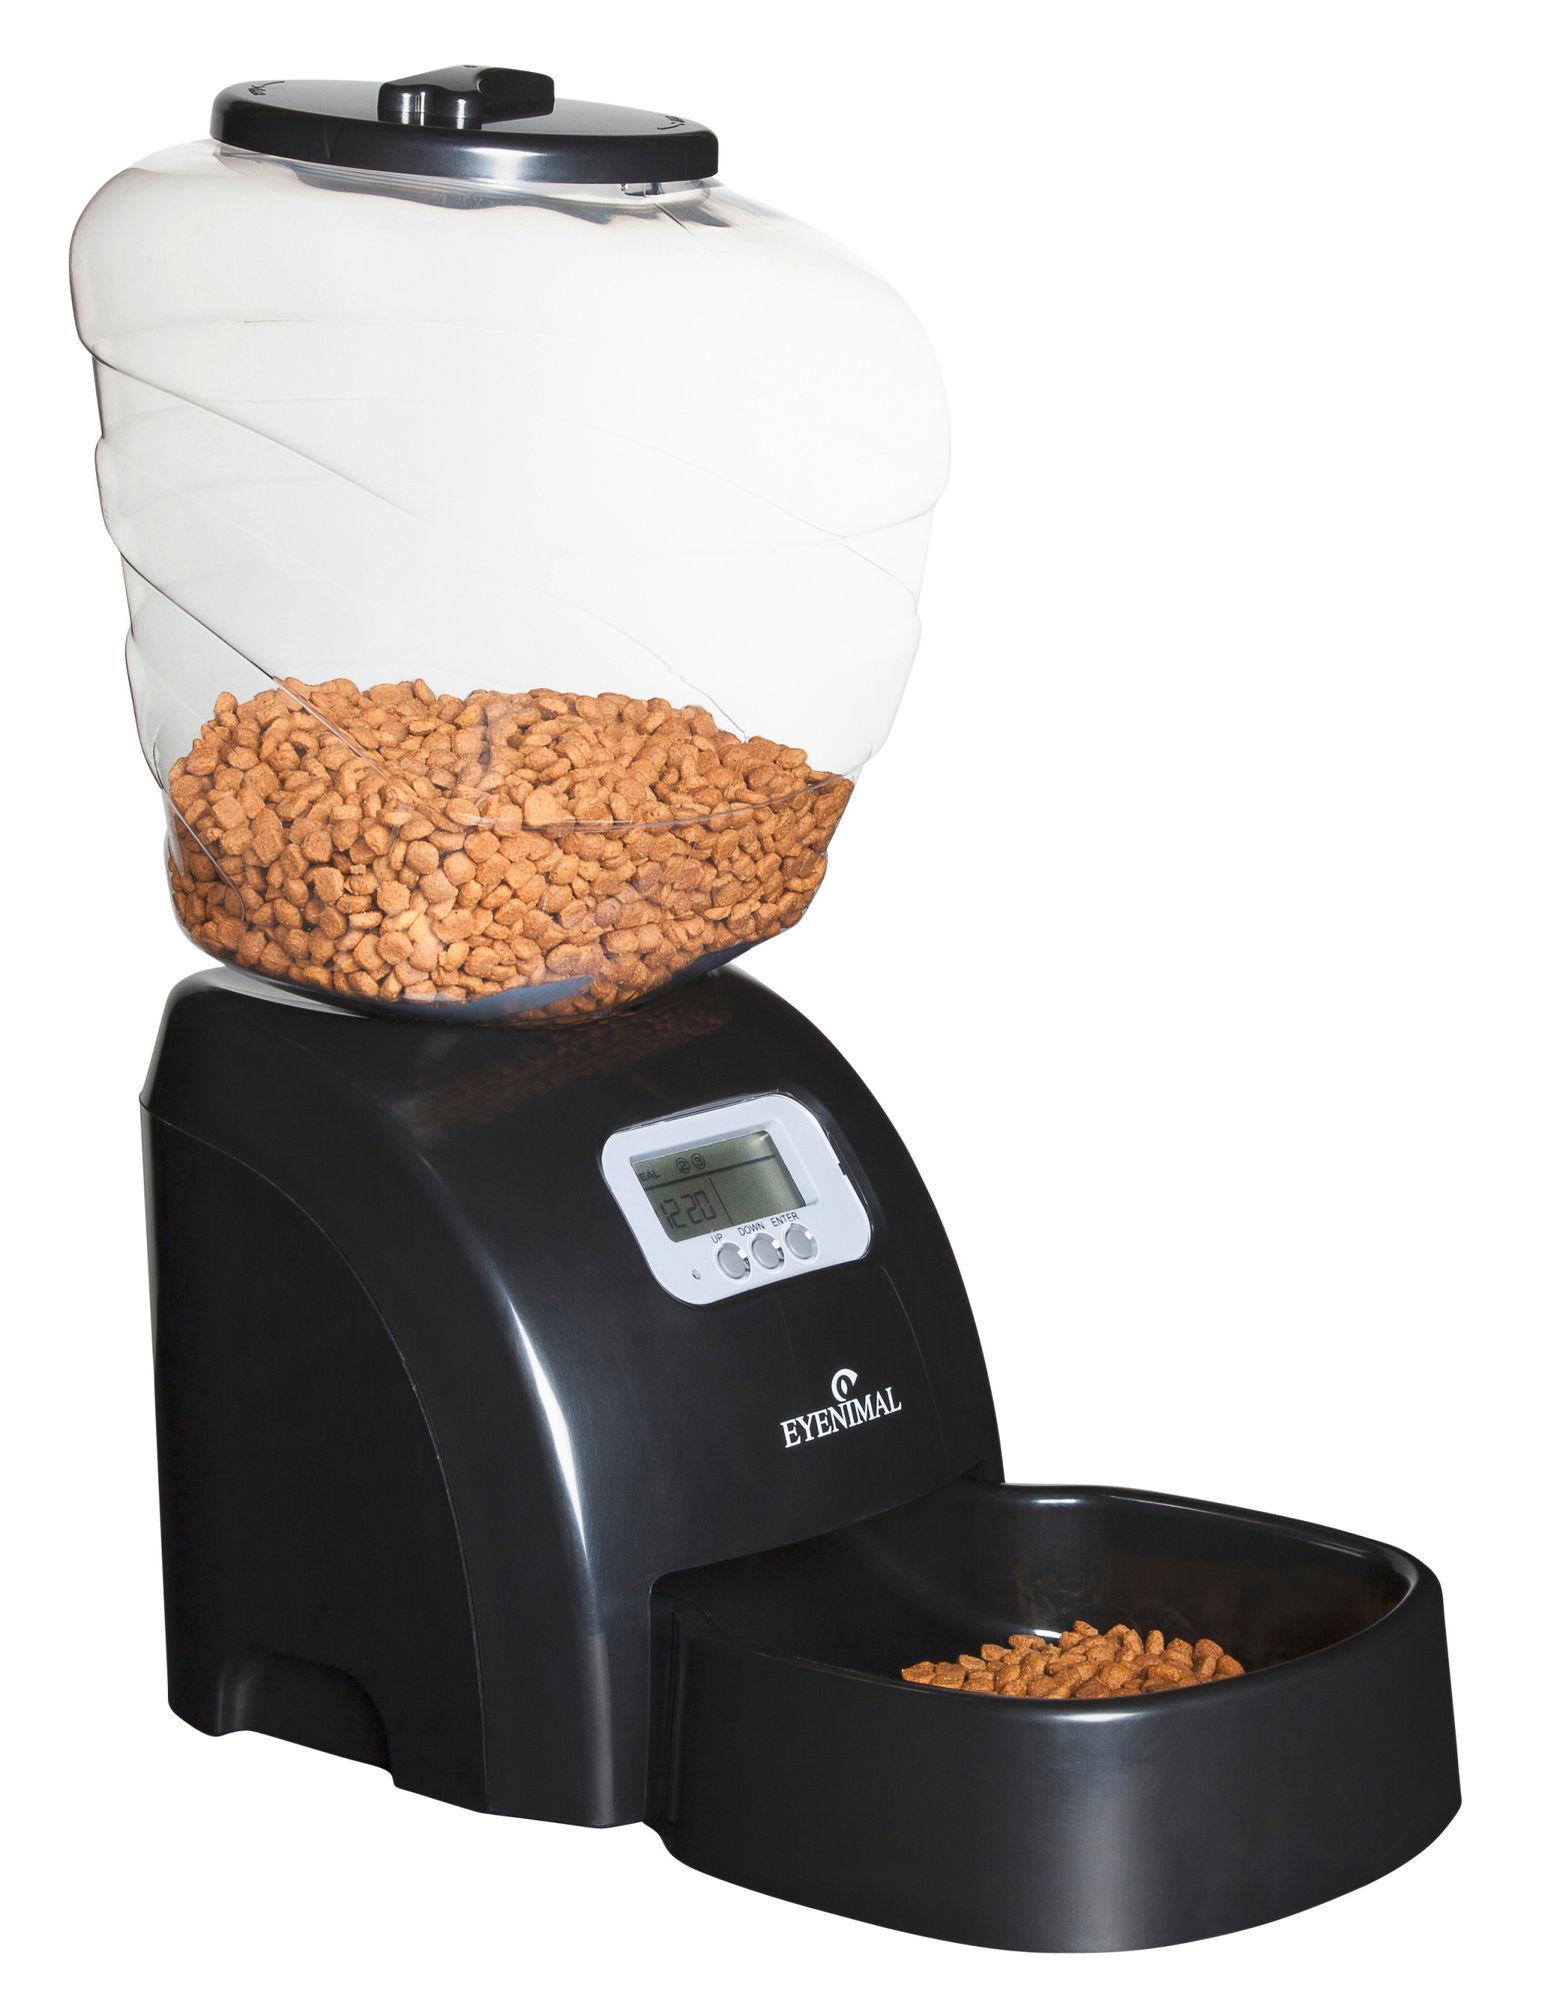 EYENIMAL Electronic Pet Feed Trockenfutter-Automat 5kg